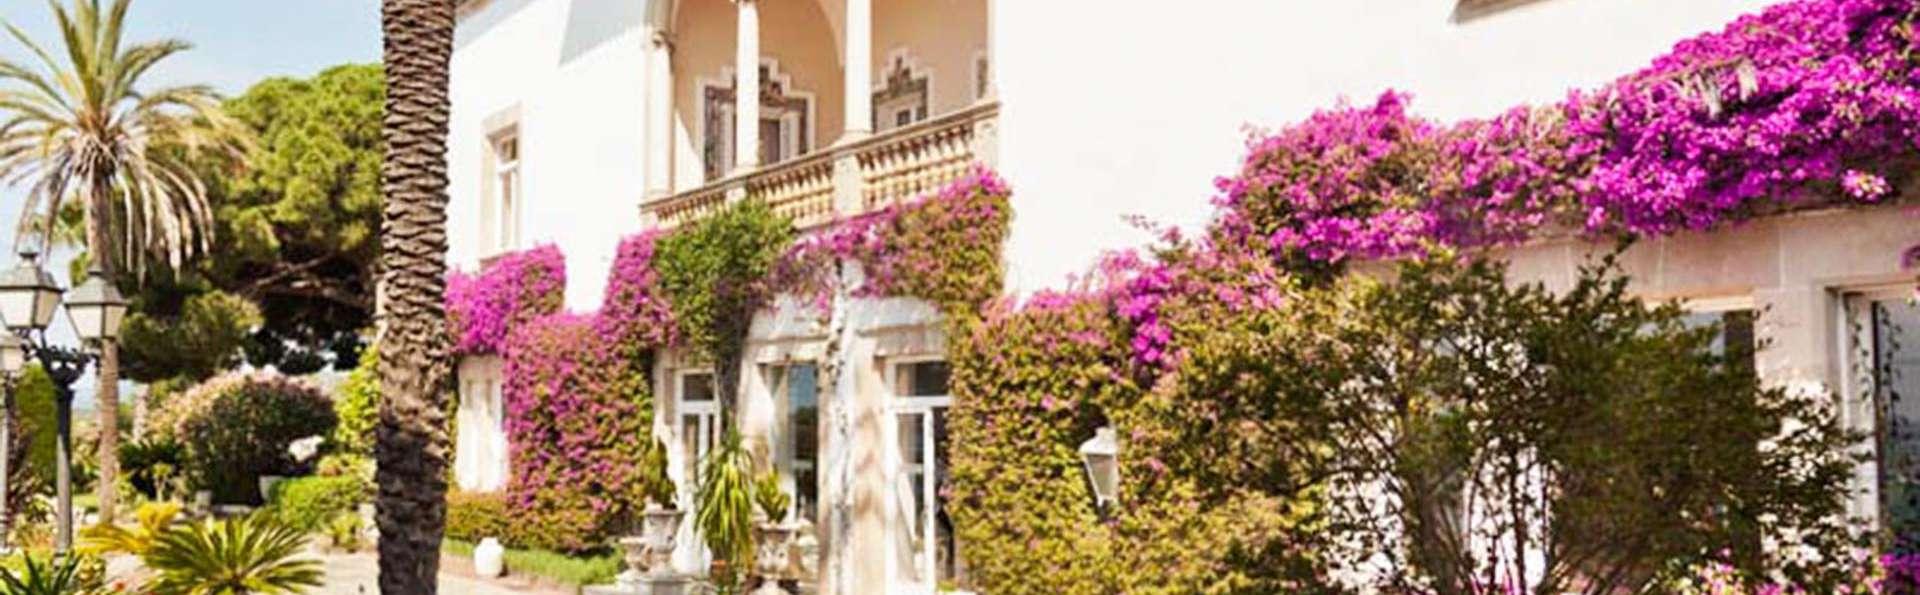 Découverte de la belle Costa brava avec demi pension à Lloret de mar